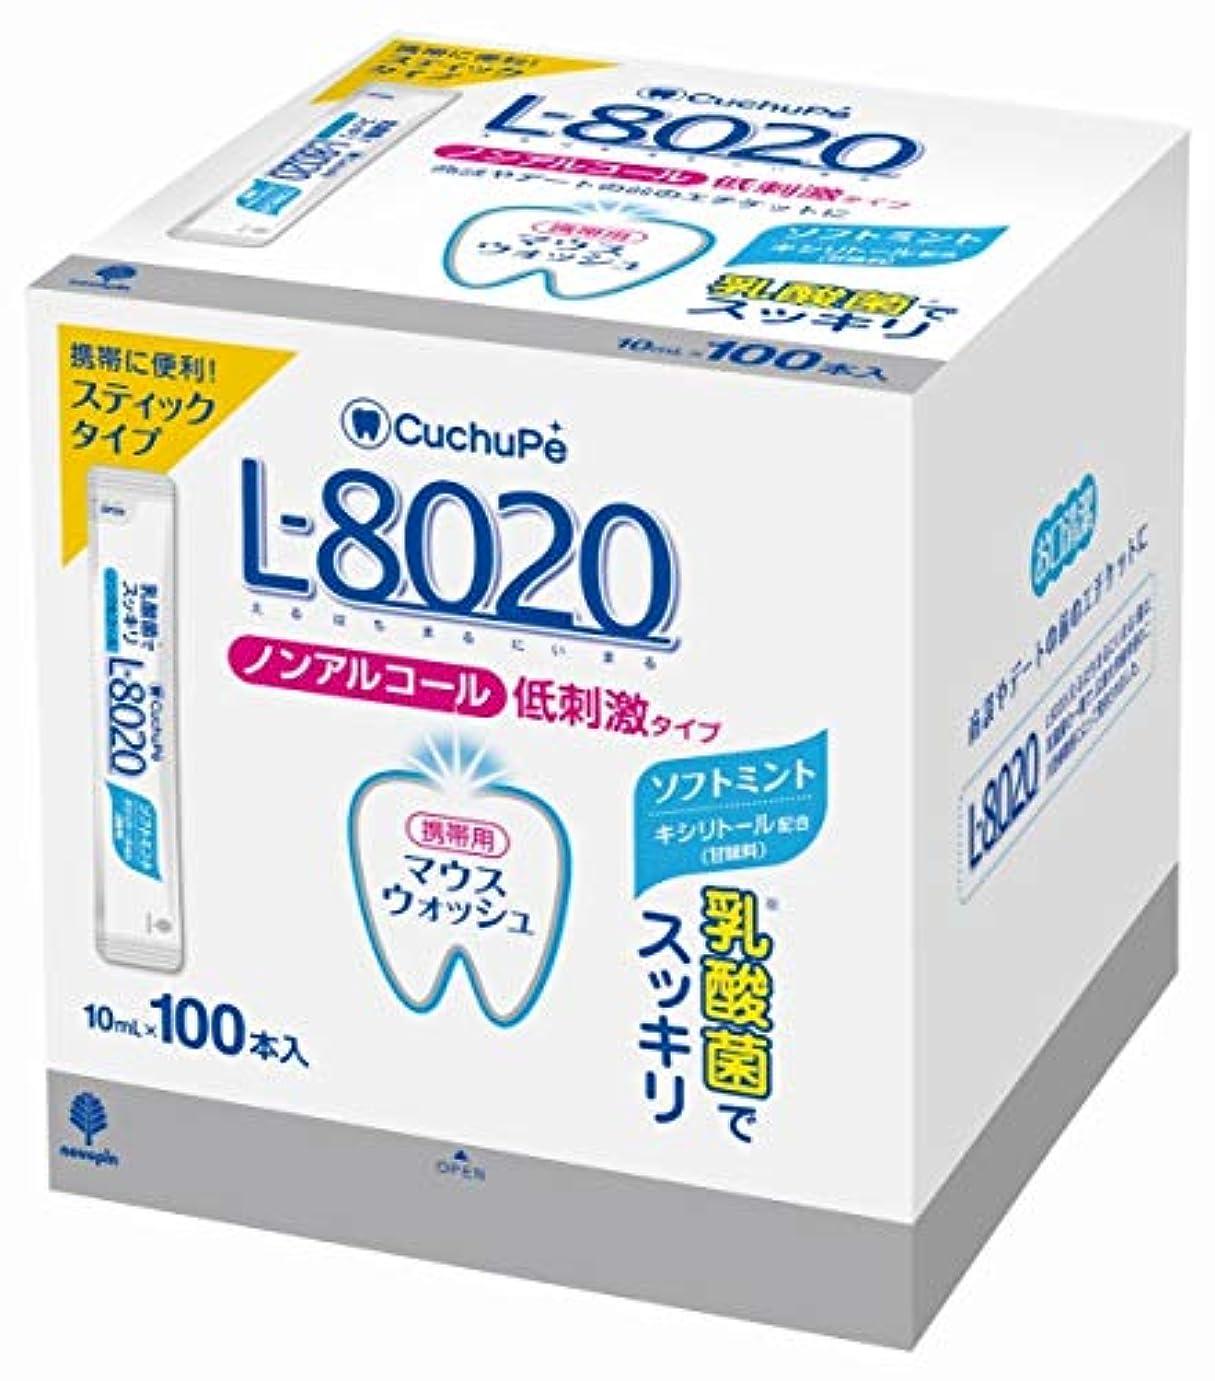 日本製 made in japan クチュッペL-8020 ソフトミント スティックタイプ100本入(ノンアルコール) K-7092【まとめ買い10個セット】